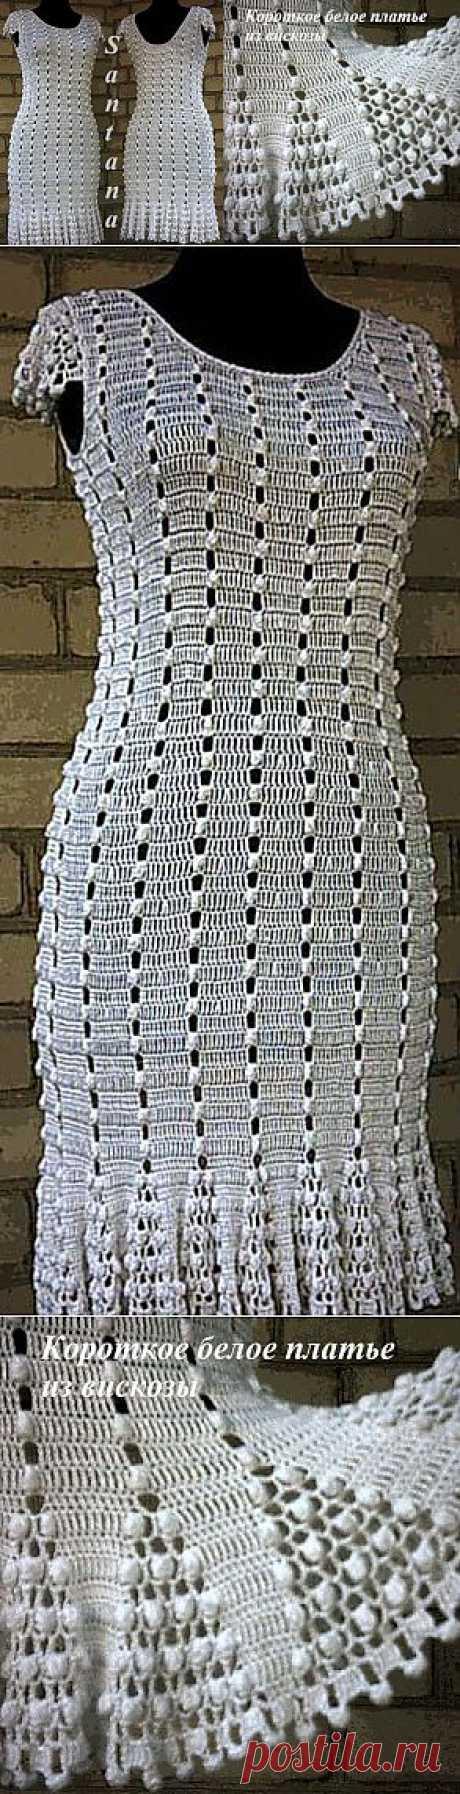 Короткое белое платье из вискозы.